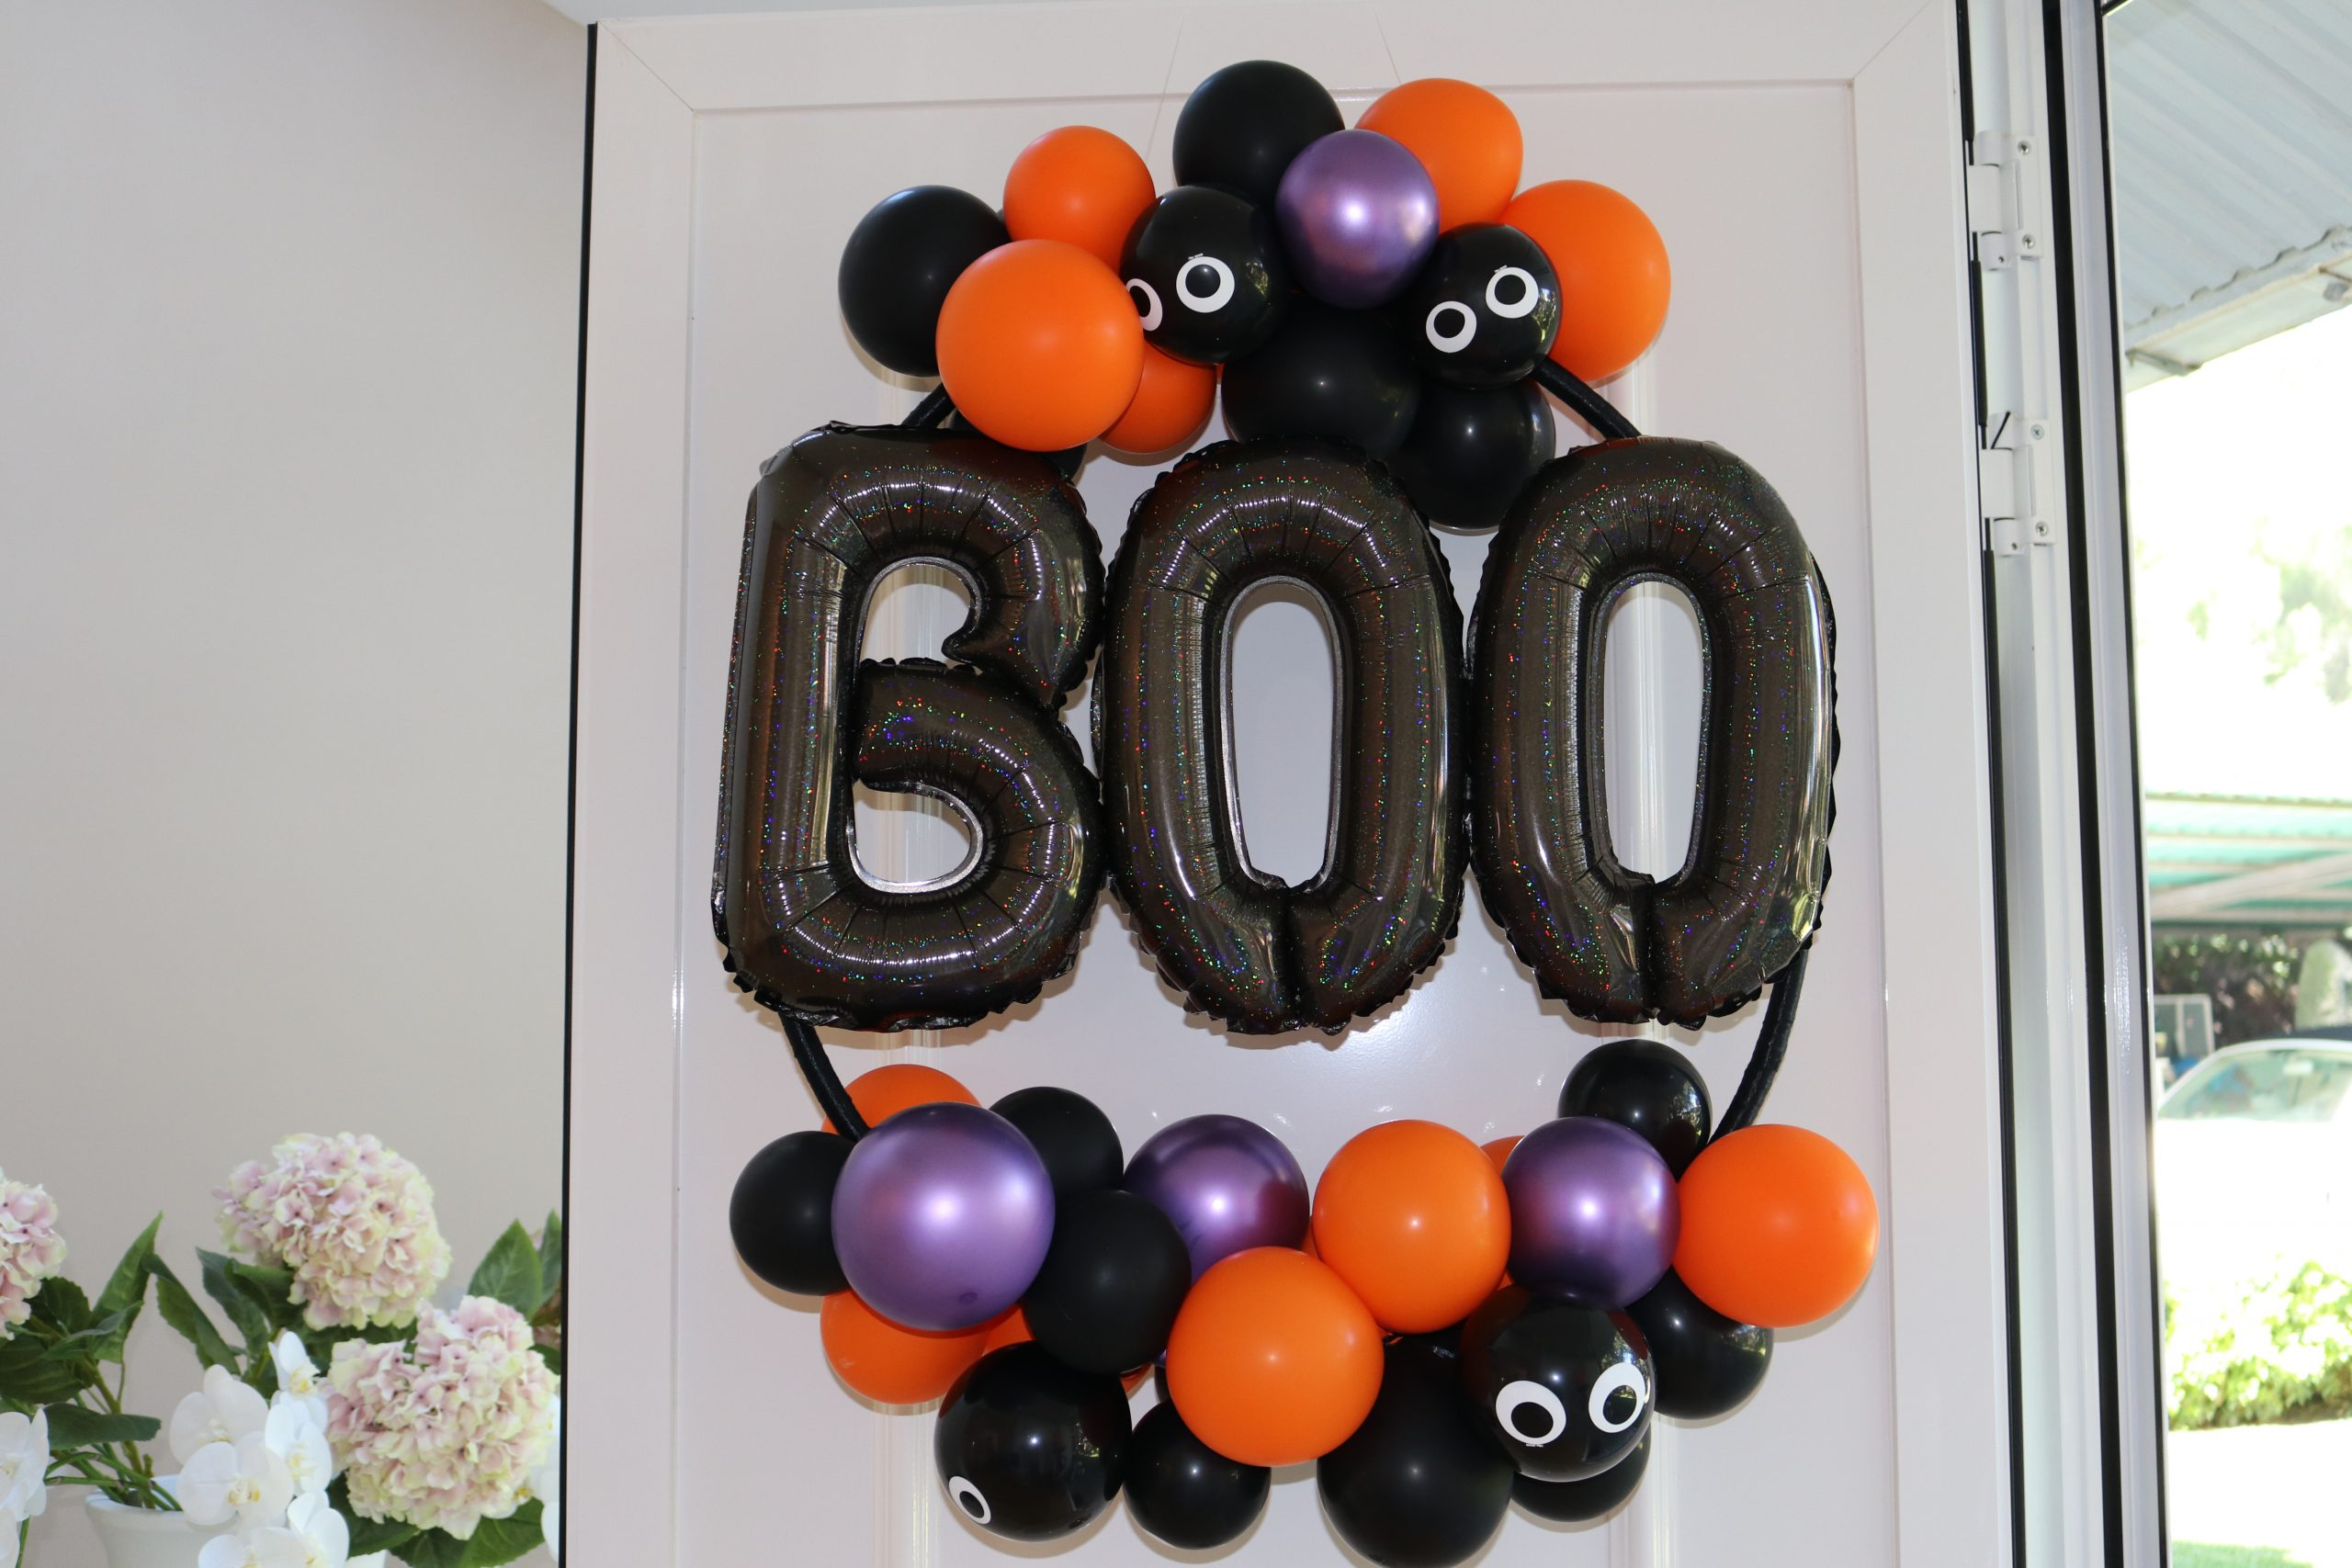 evento.love-weddingplanner-organizadoresdebodas-boo-halloween